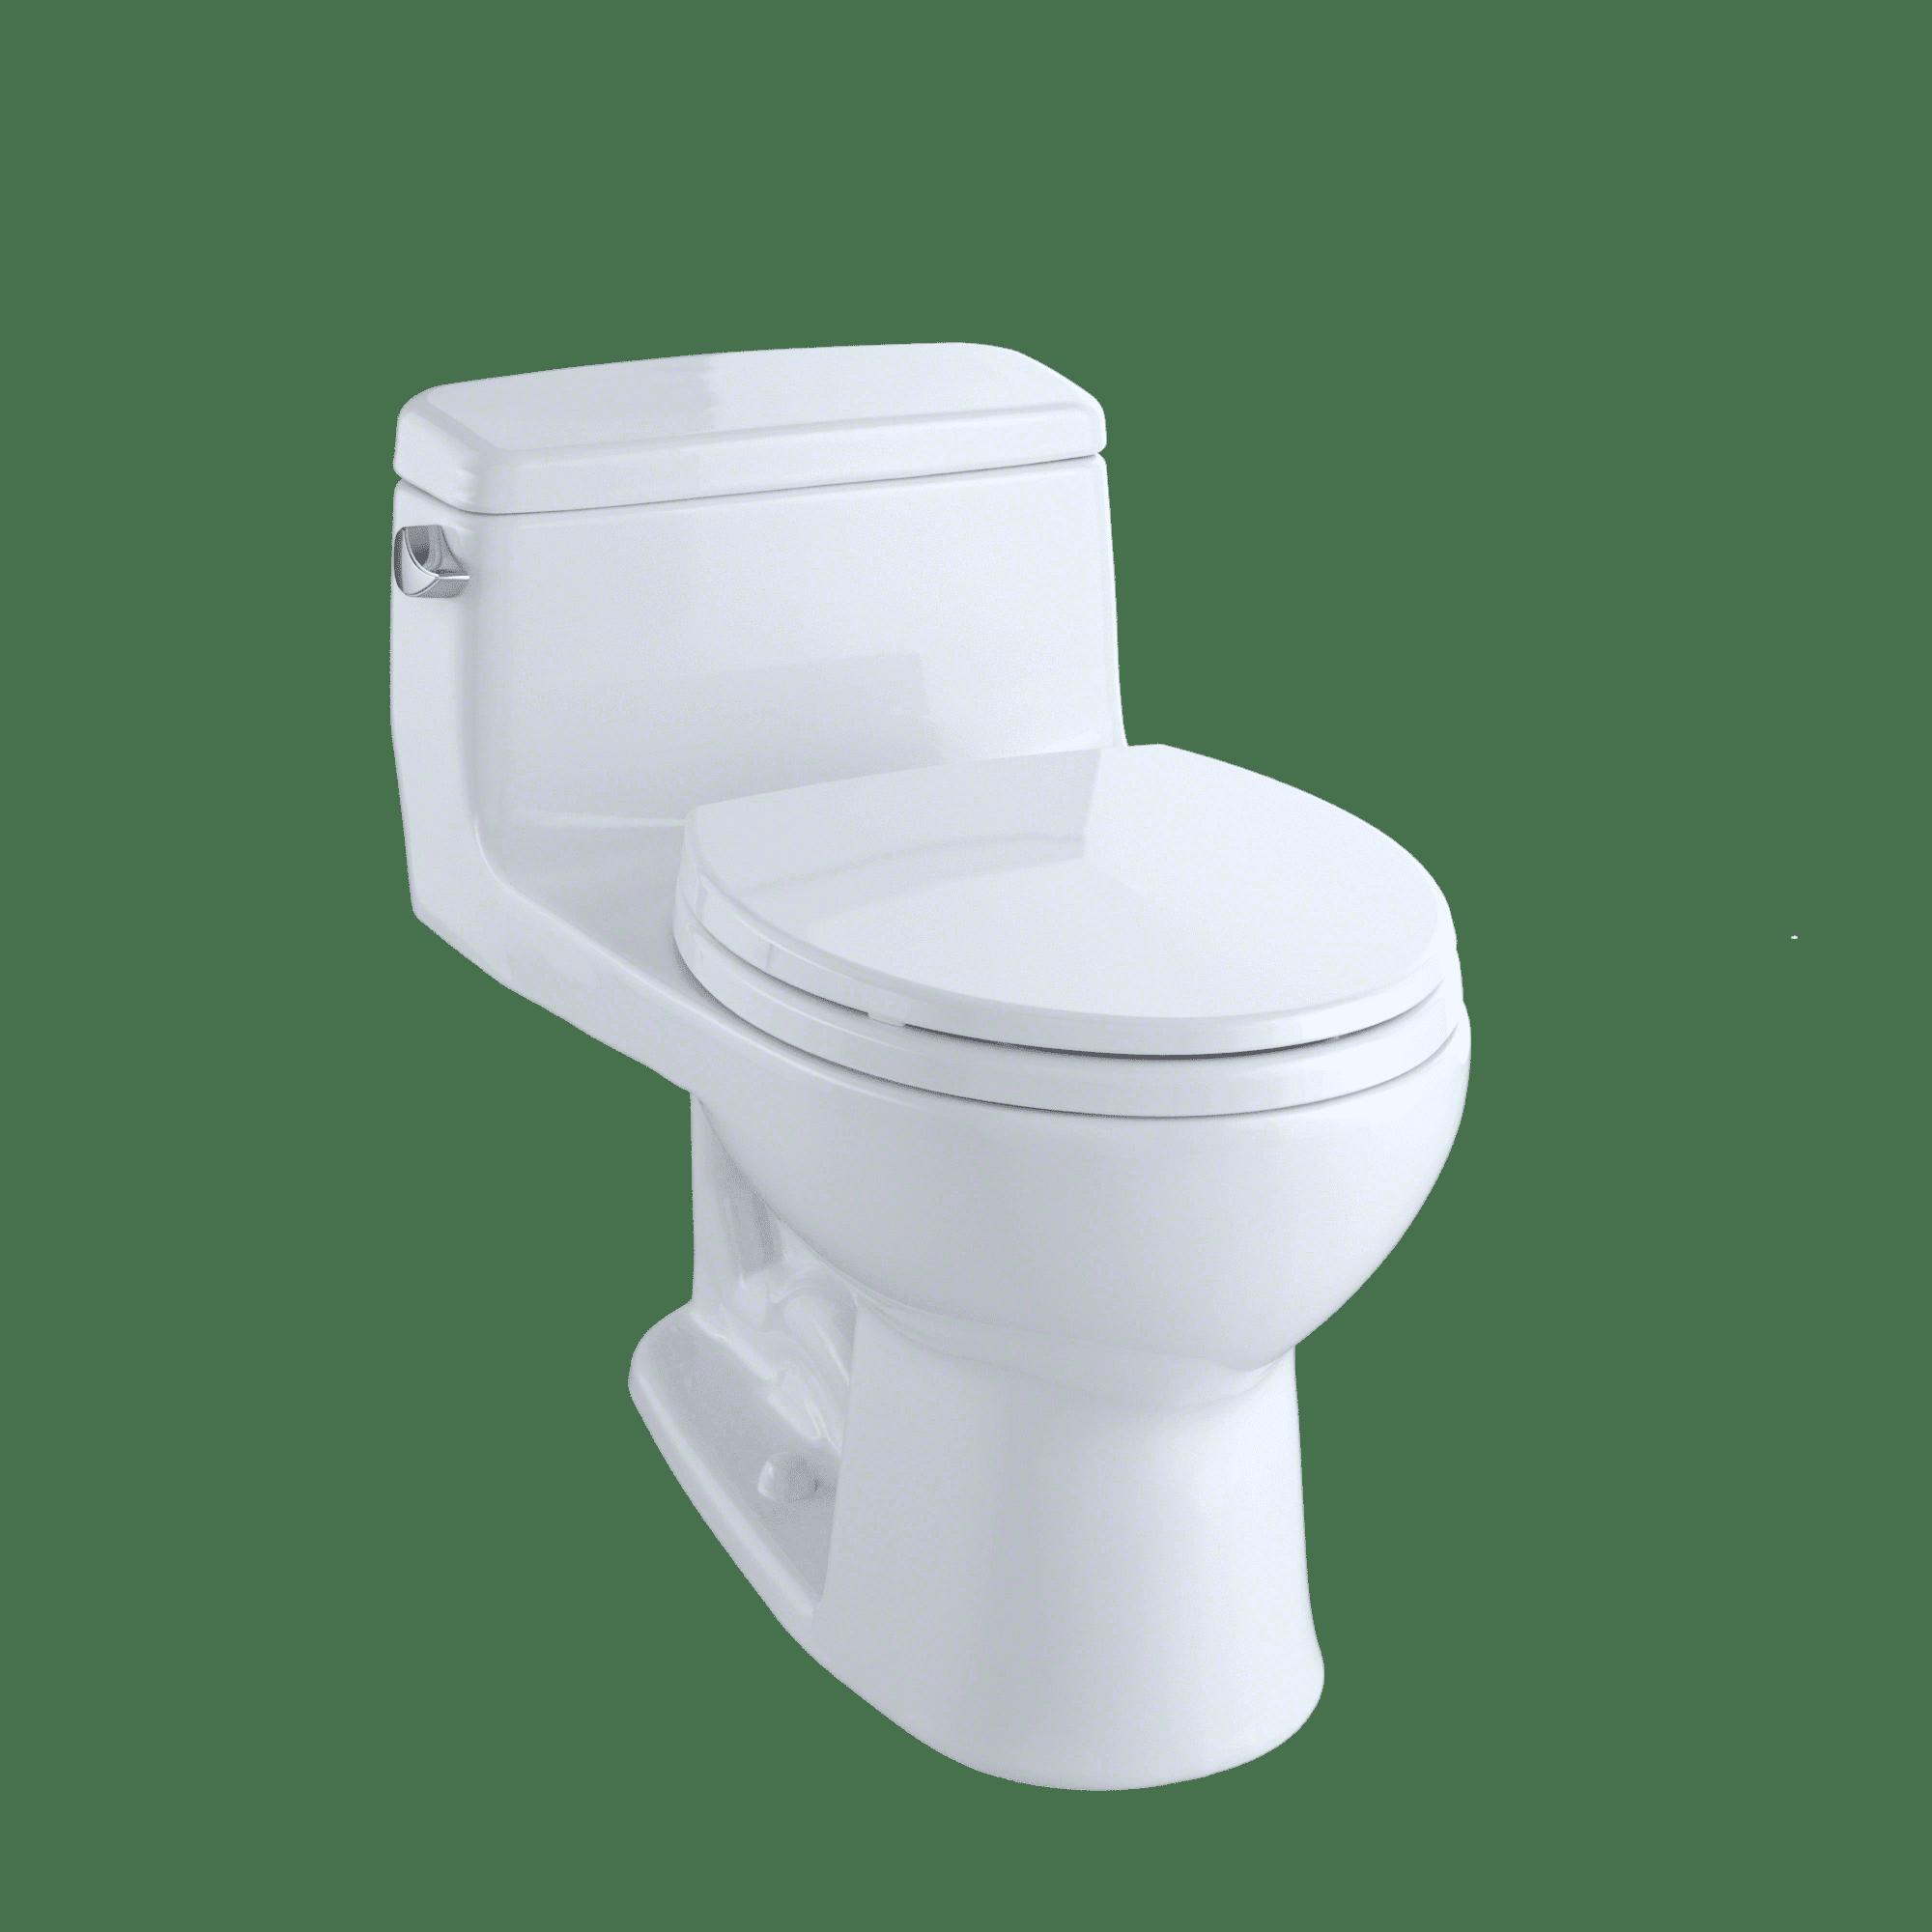 TOTO® Eco Supreme® One Piece Round Bowl 1.28 GPF Toilet, Cotton White - MS863113E#01